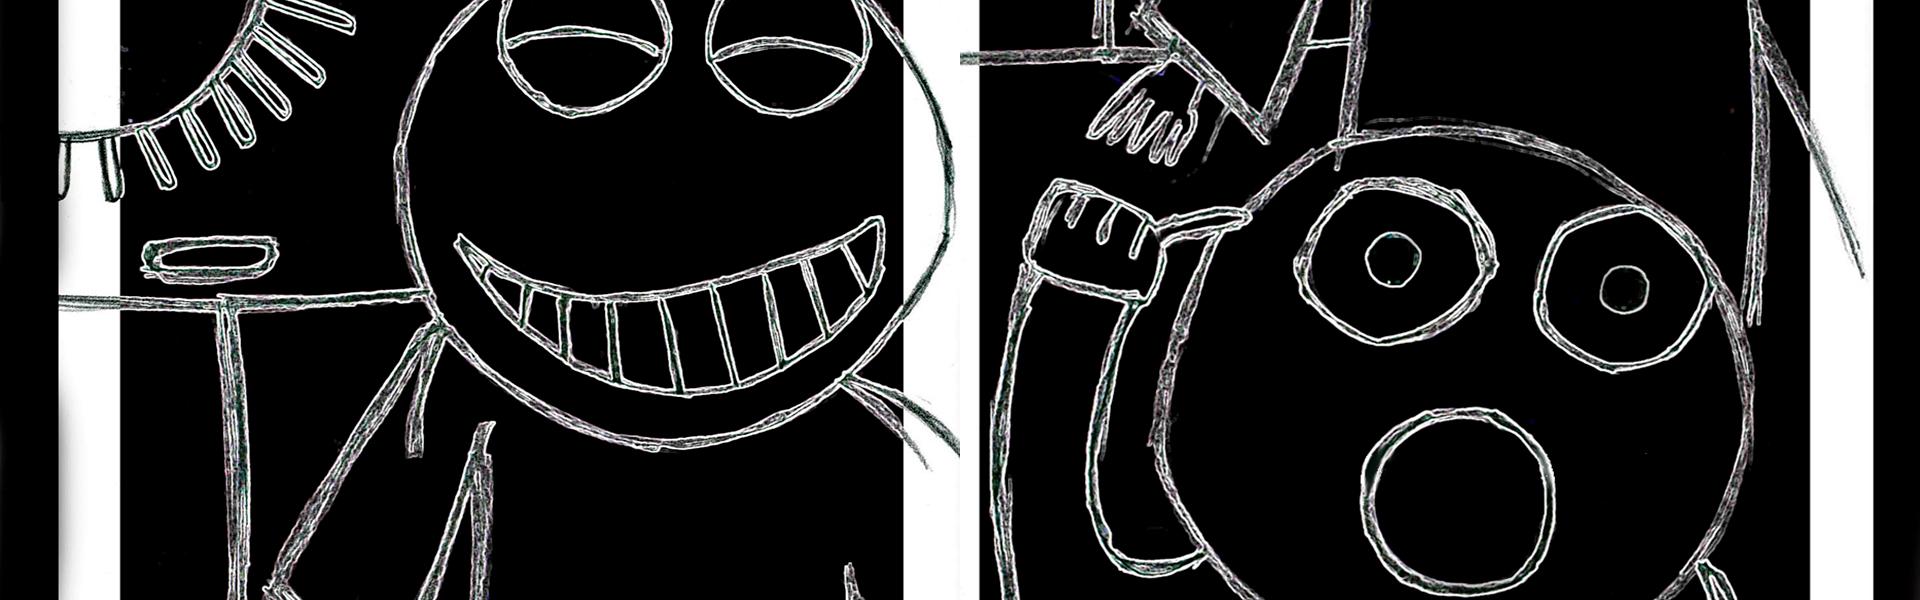 Découvrez les contes à rire et à penser par Stéphane Desfeux - Conteur 77, Seine-et-Marne, Seine et Marne, Ile de France, Essonne, 77, 75, 94, 92, 91, 89...